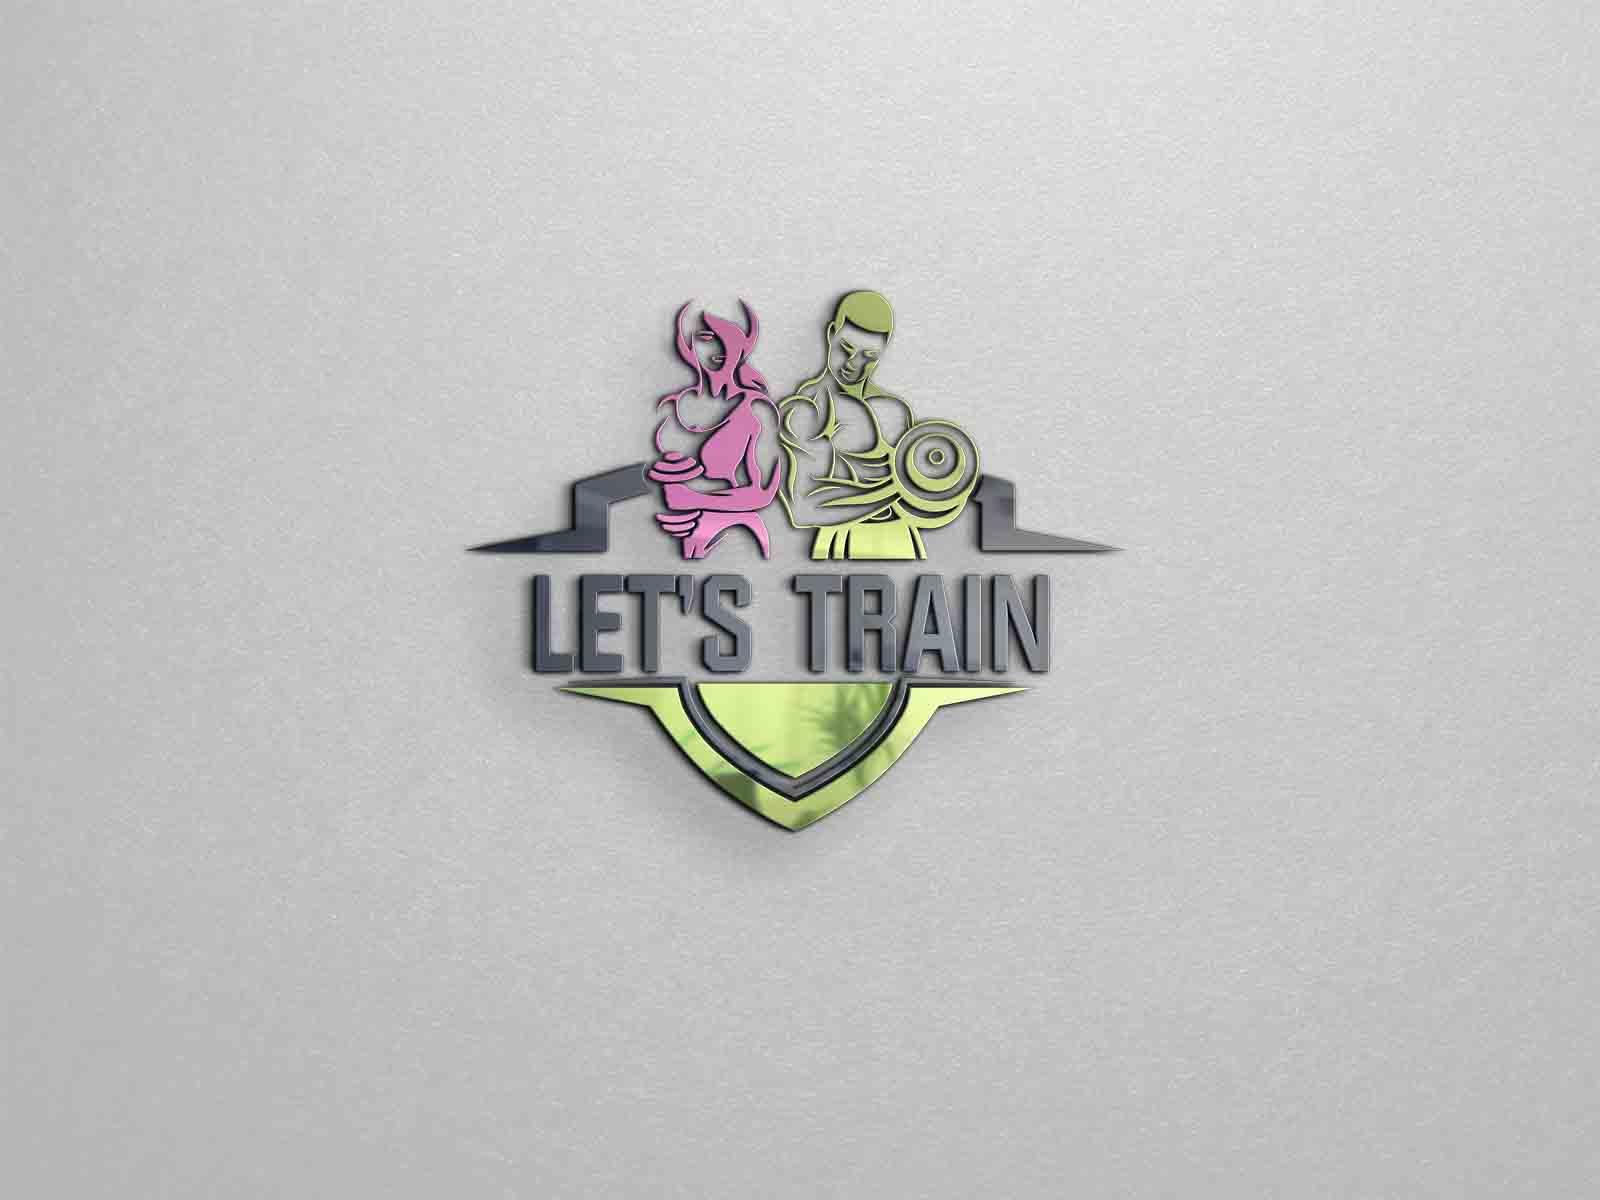 letstrain-изработка-на-уебсайт-linkbox